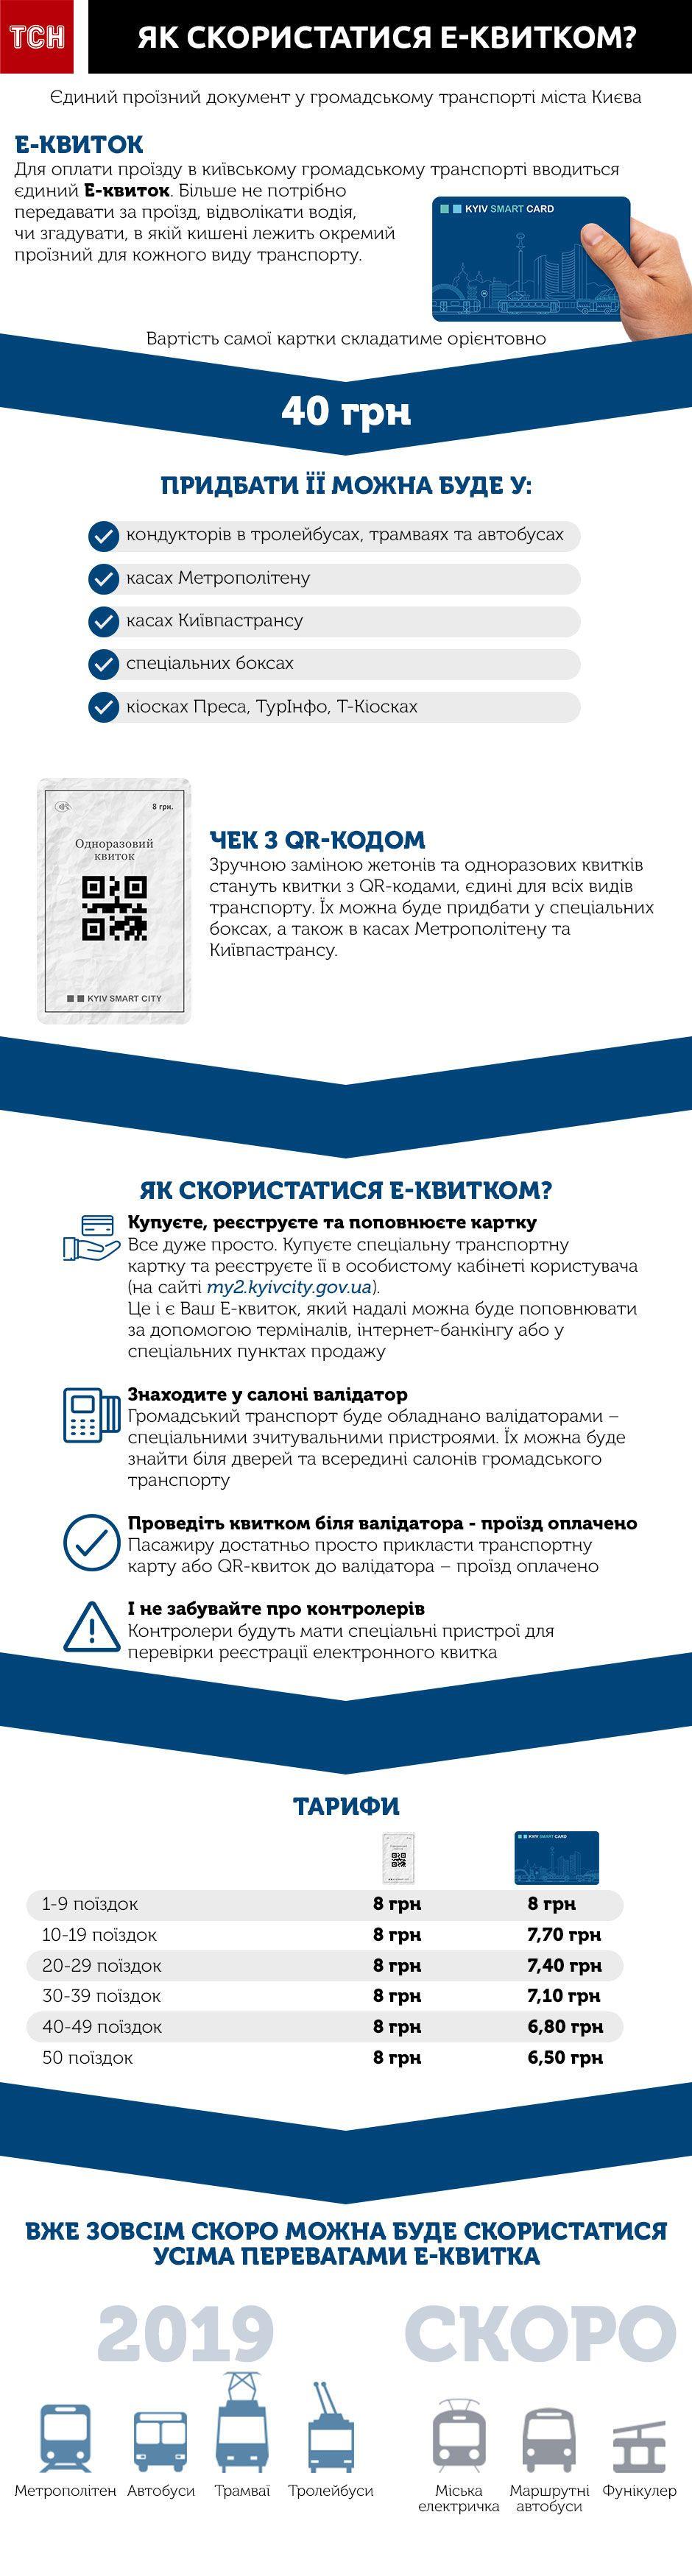 електронний квиток, Е-квиток, Київ, інфографіка